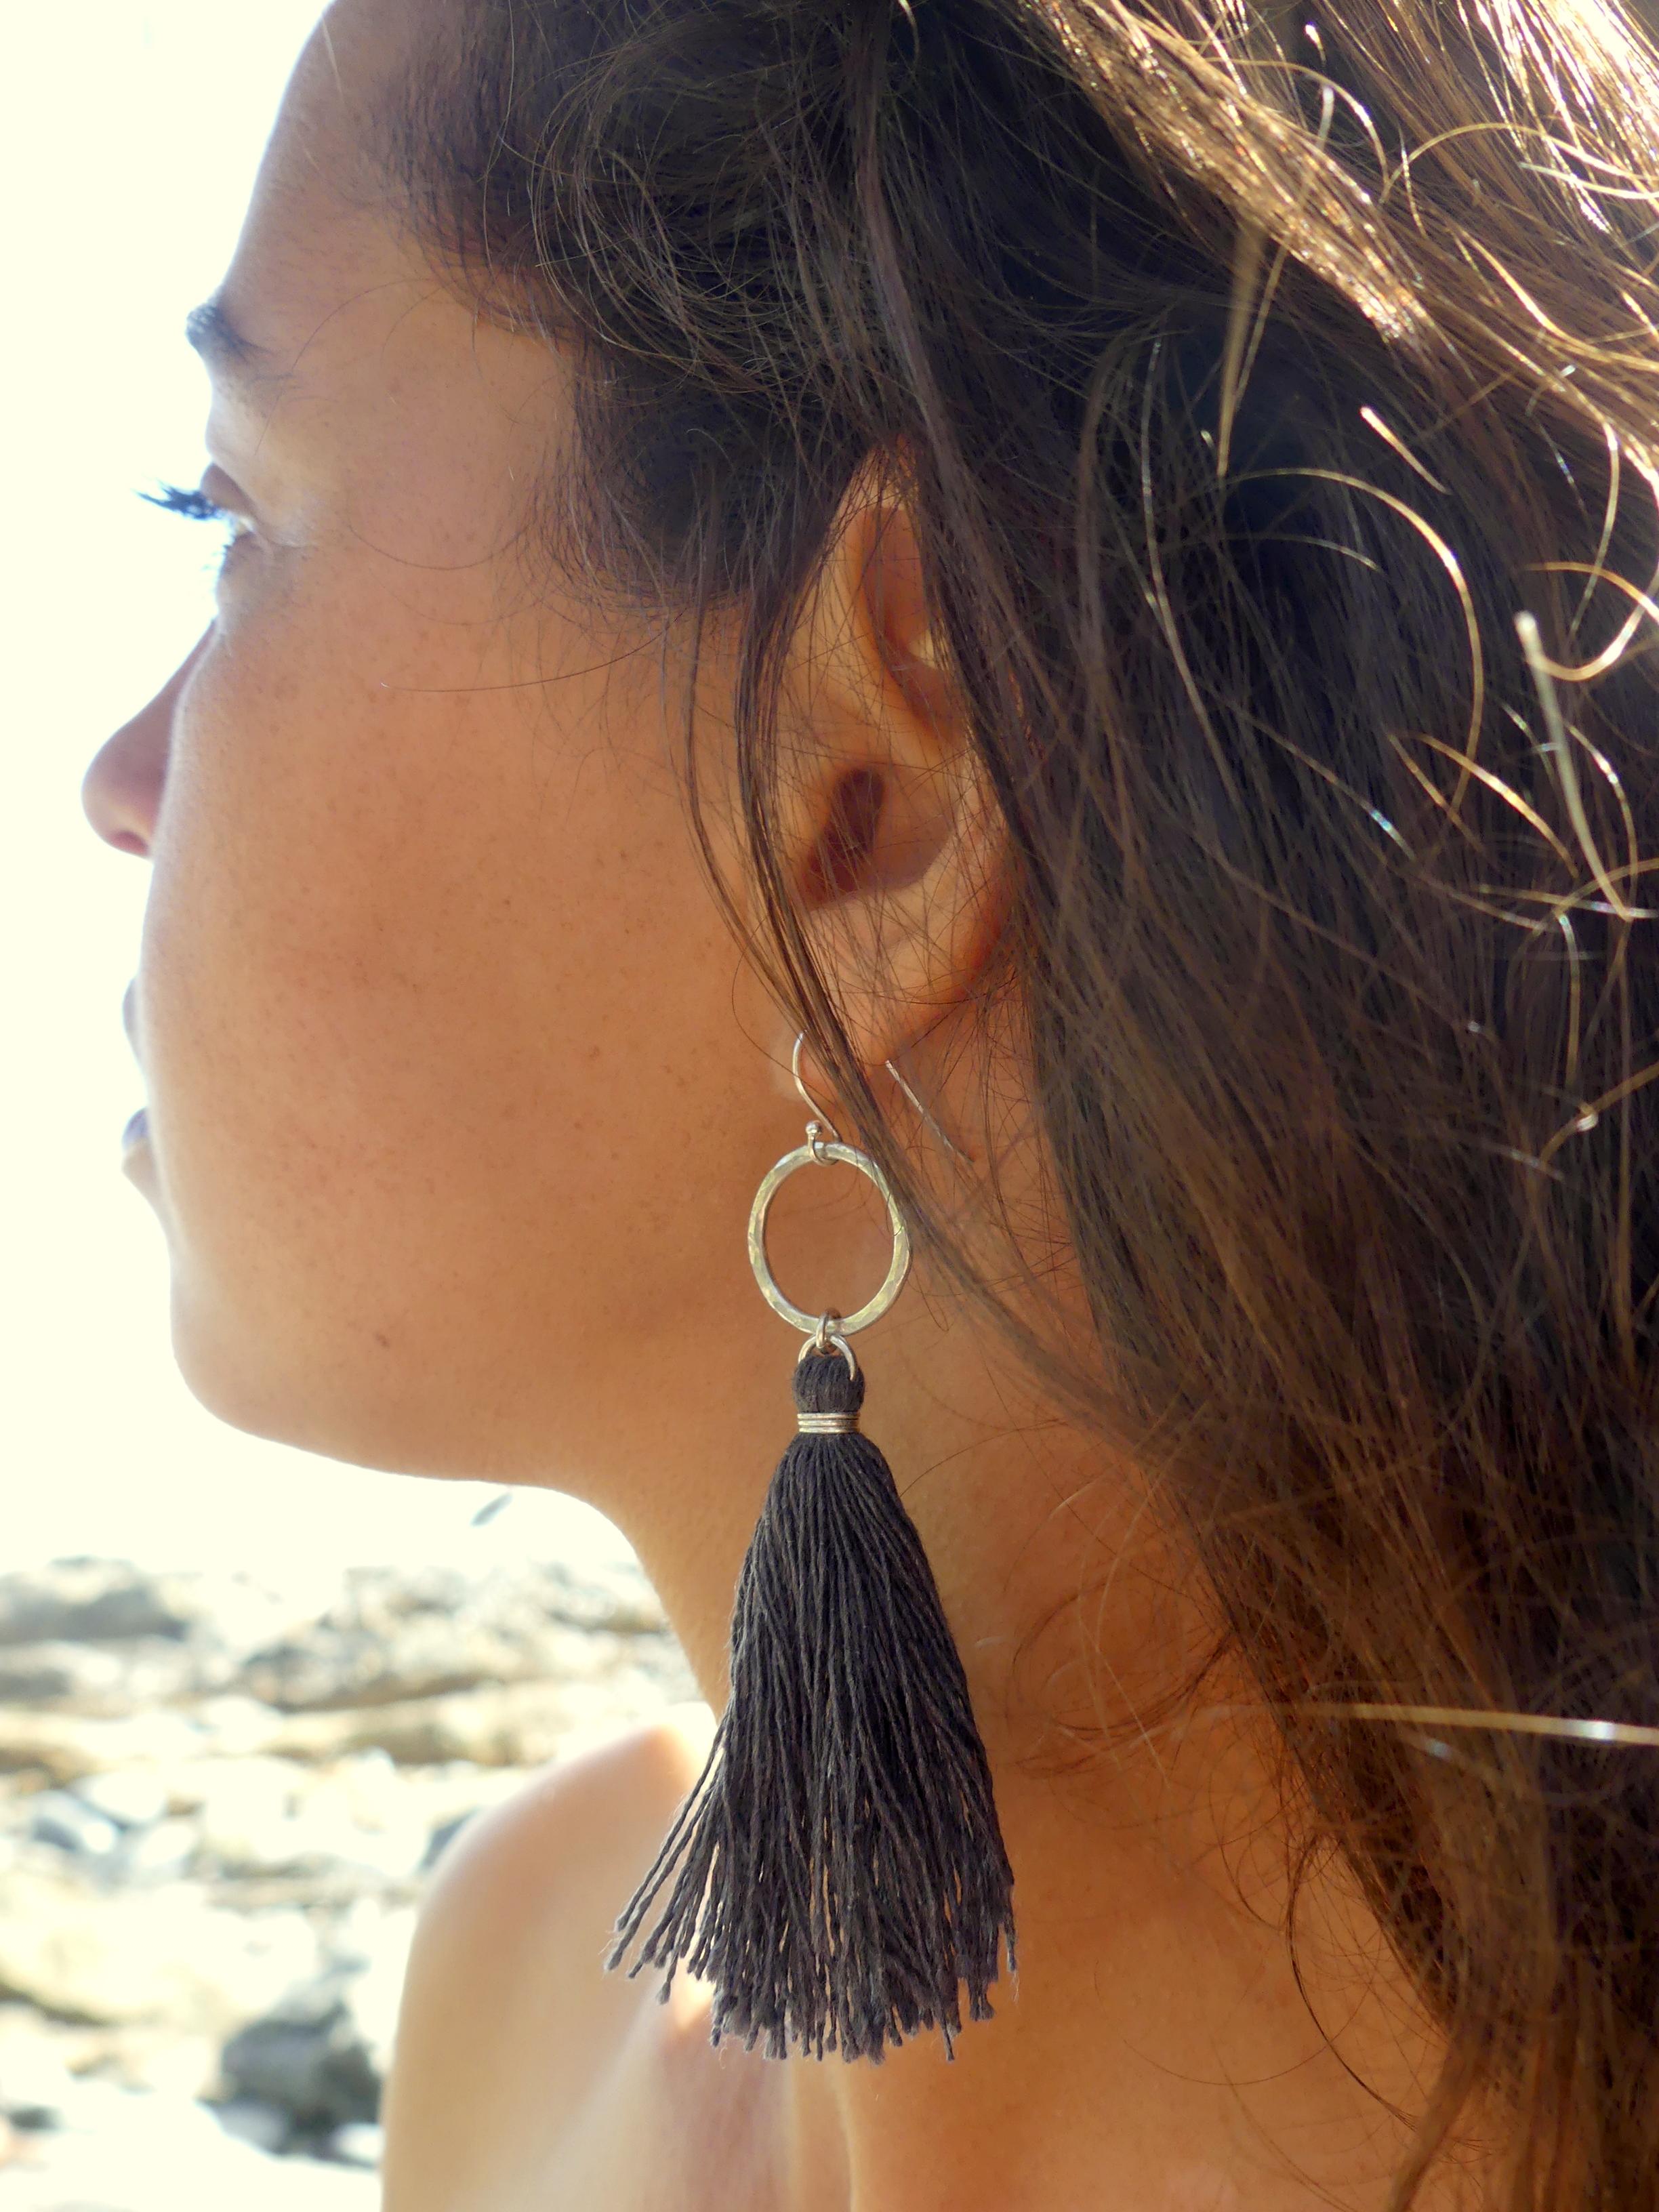 storm-tassel-earring-two-in-the-sun.JPG